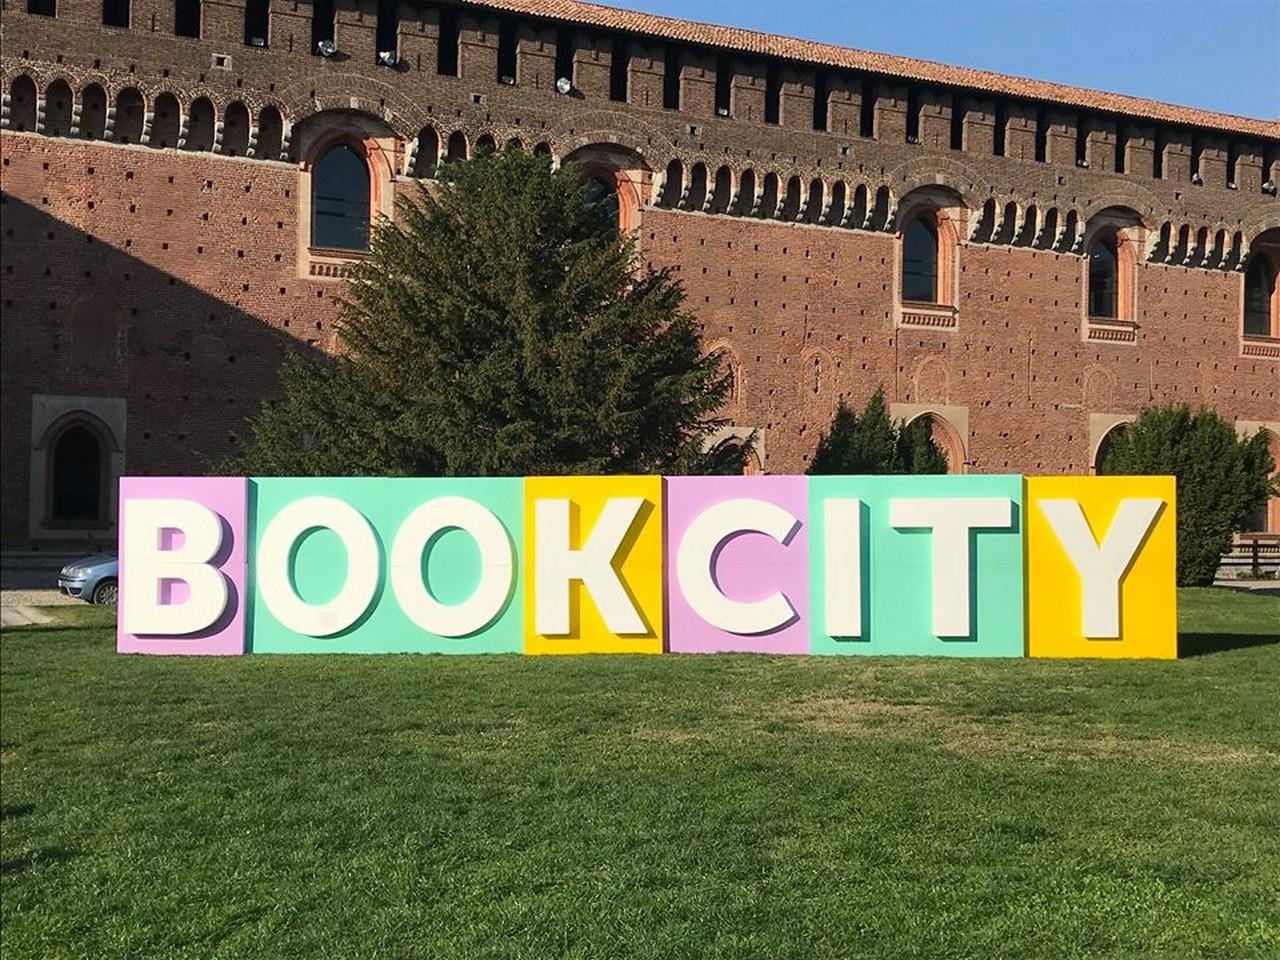 BookCity Milano: 4 giorni dedicati alla lettura. E alla felicità.